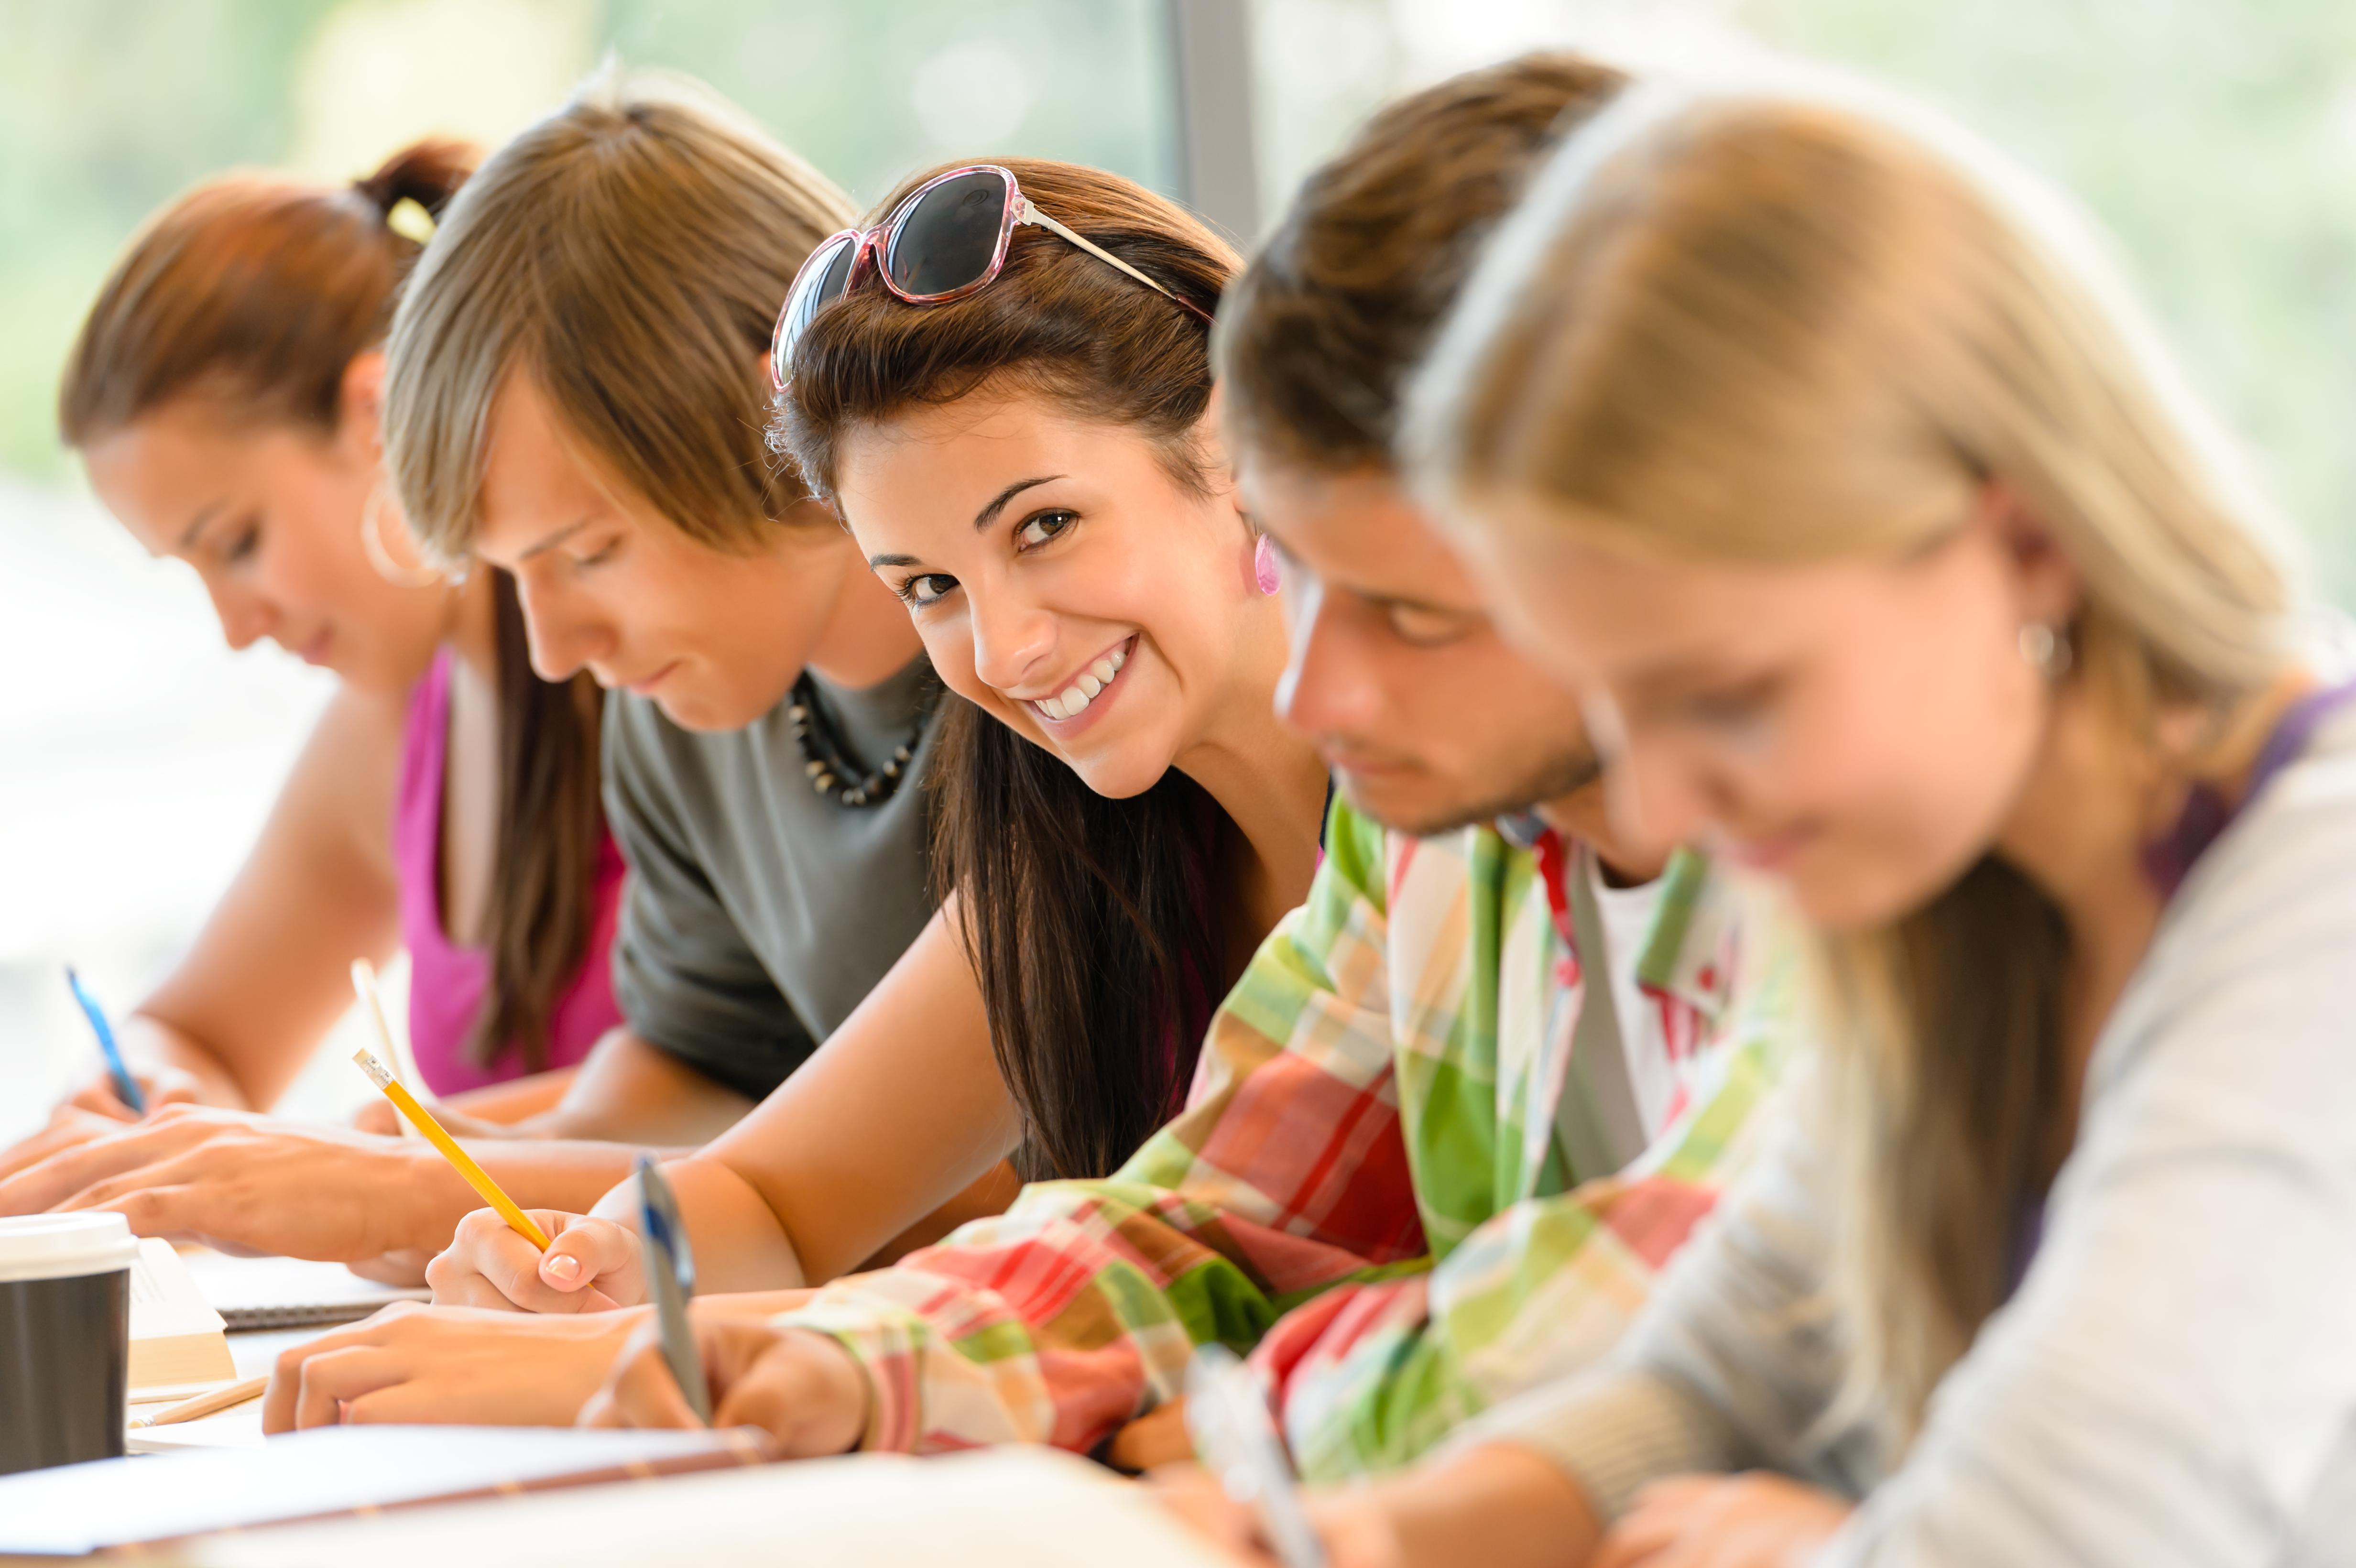 ЗНО 2015: С 3 по 10 июня пройдет тестирование по иностранным языкам